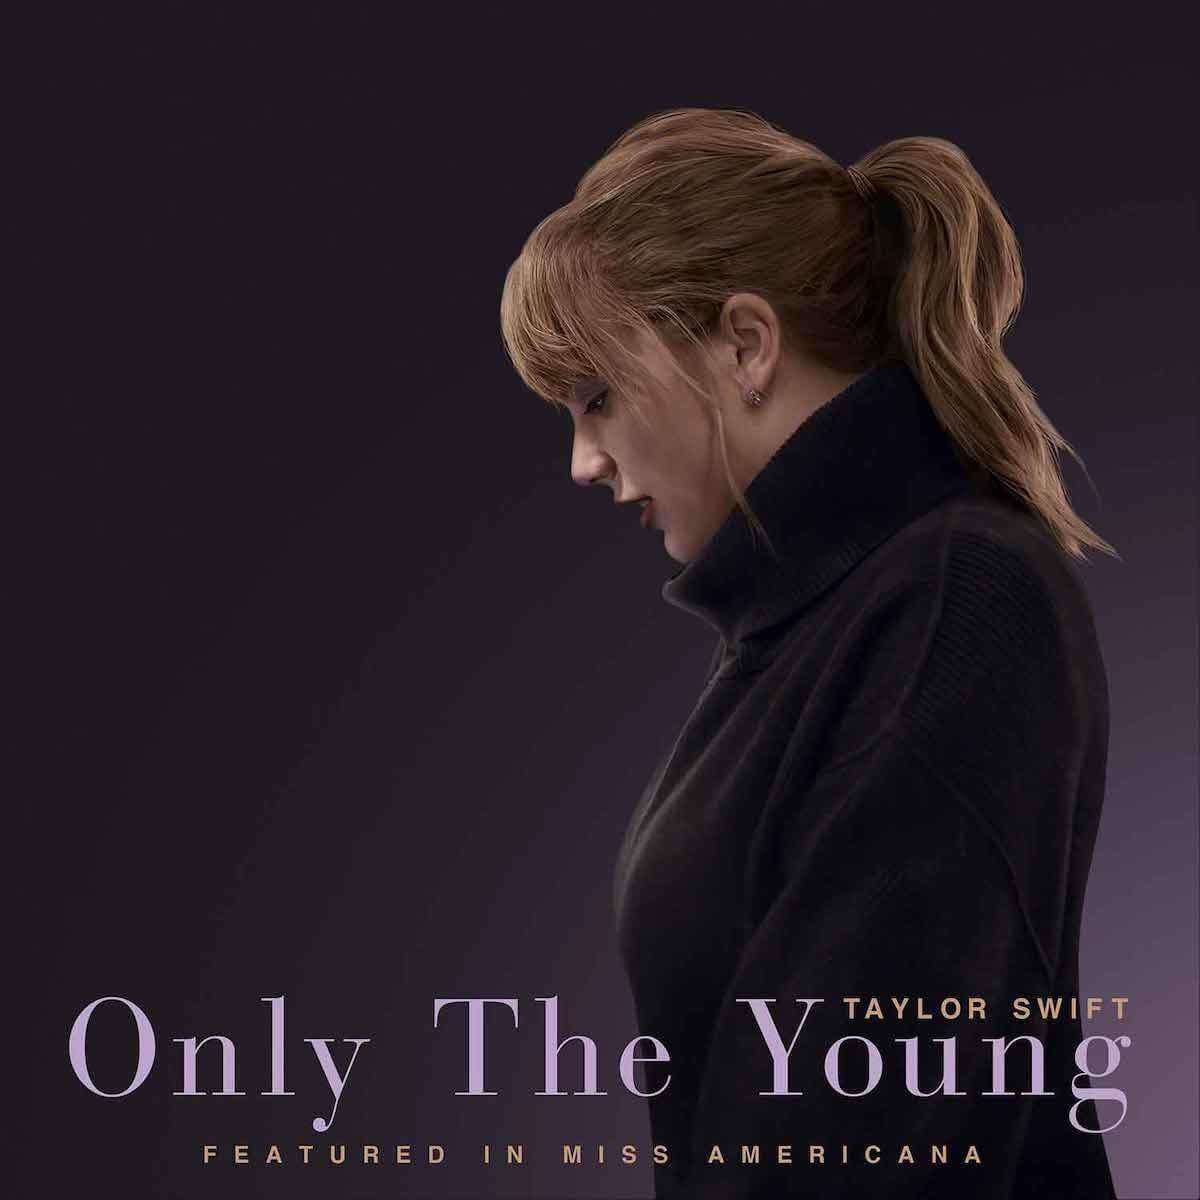 テイラー・スウィフト、新曲「Only The Young」リリース